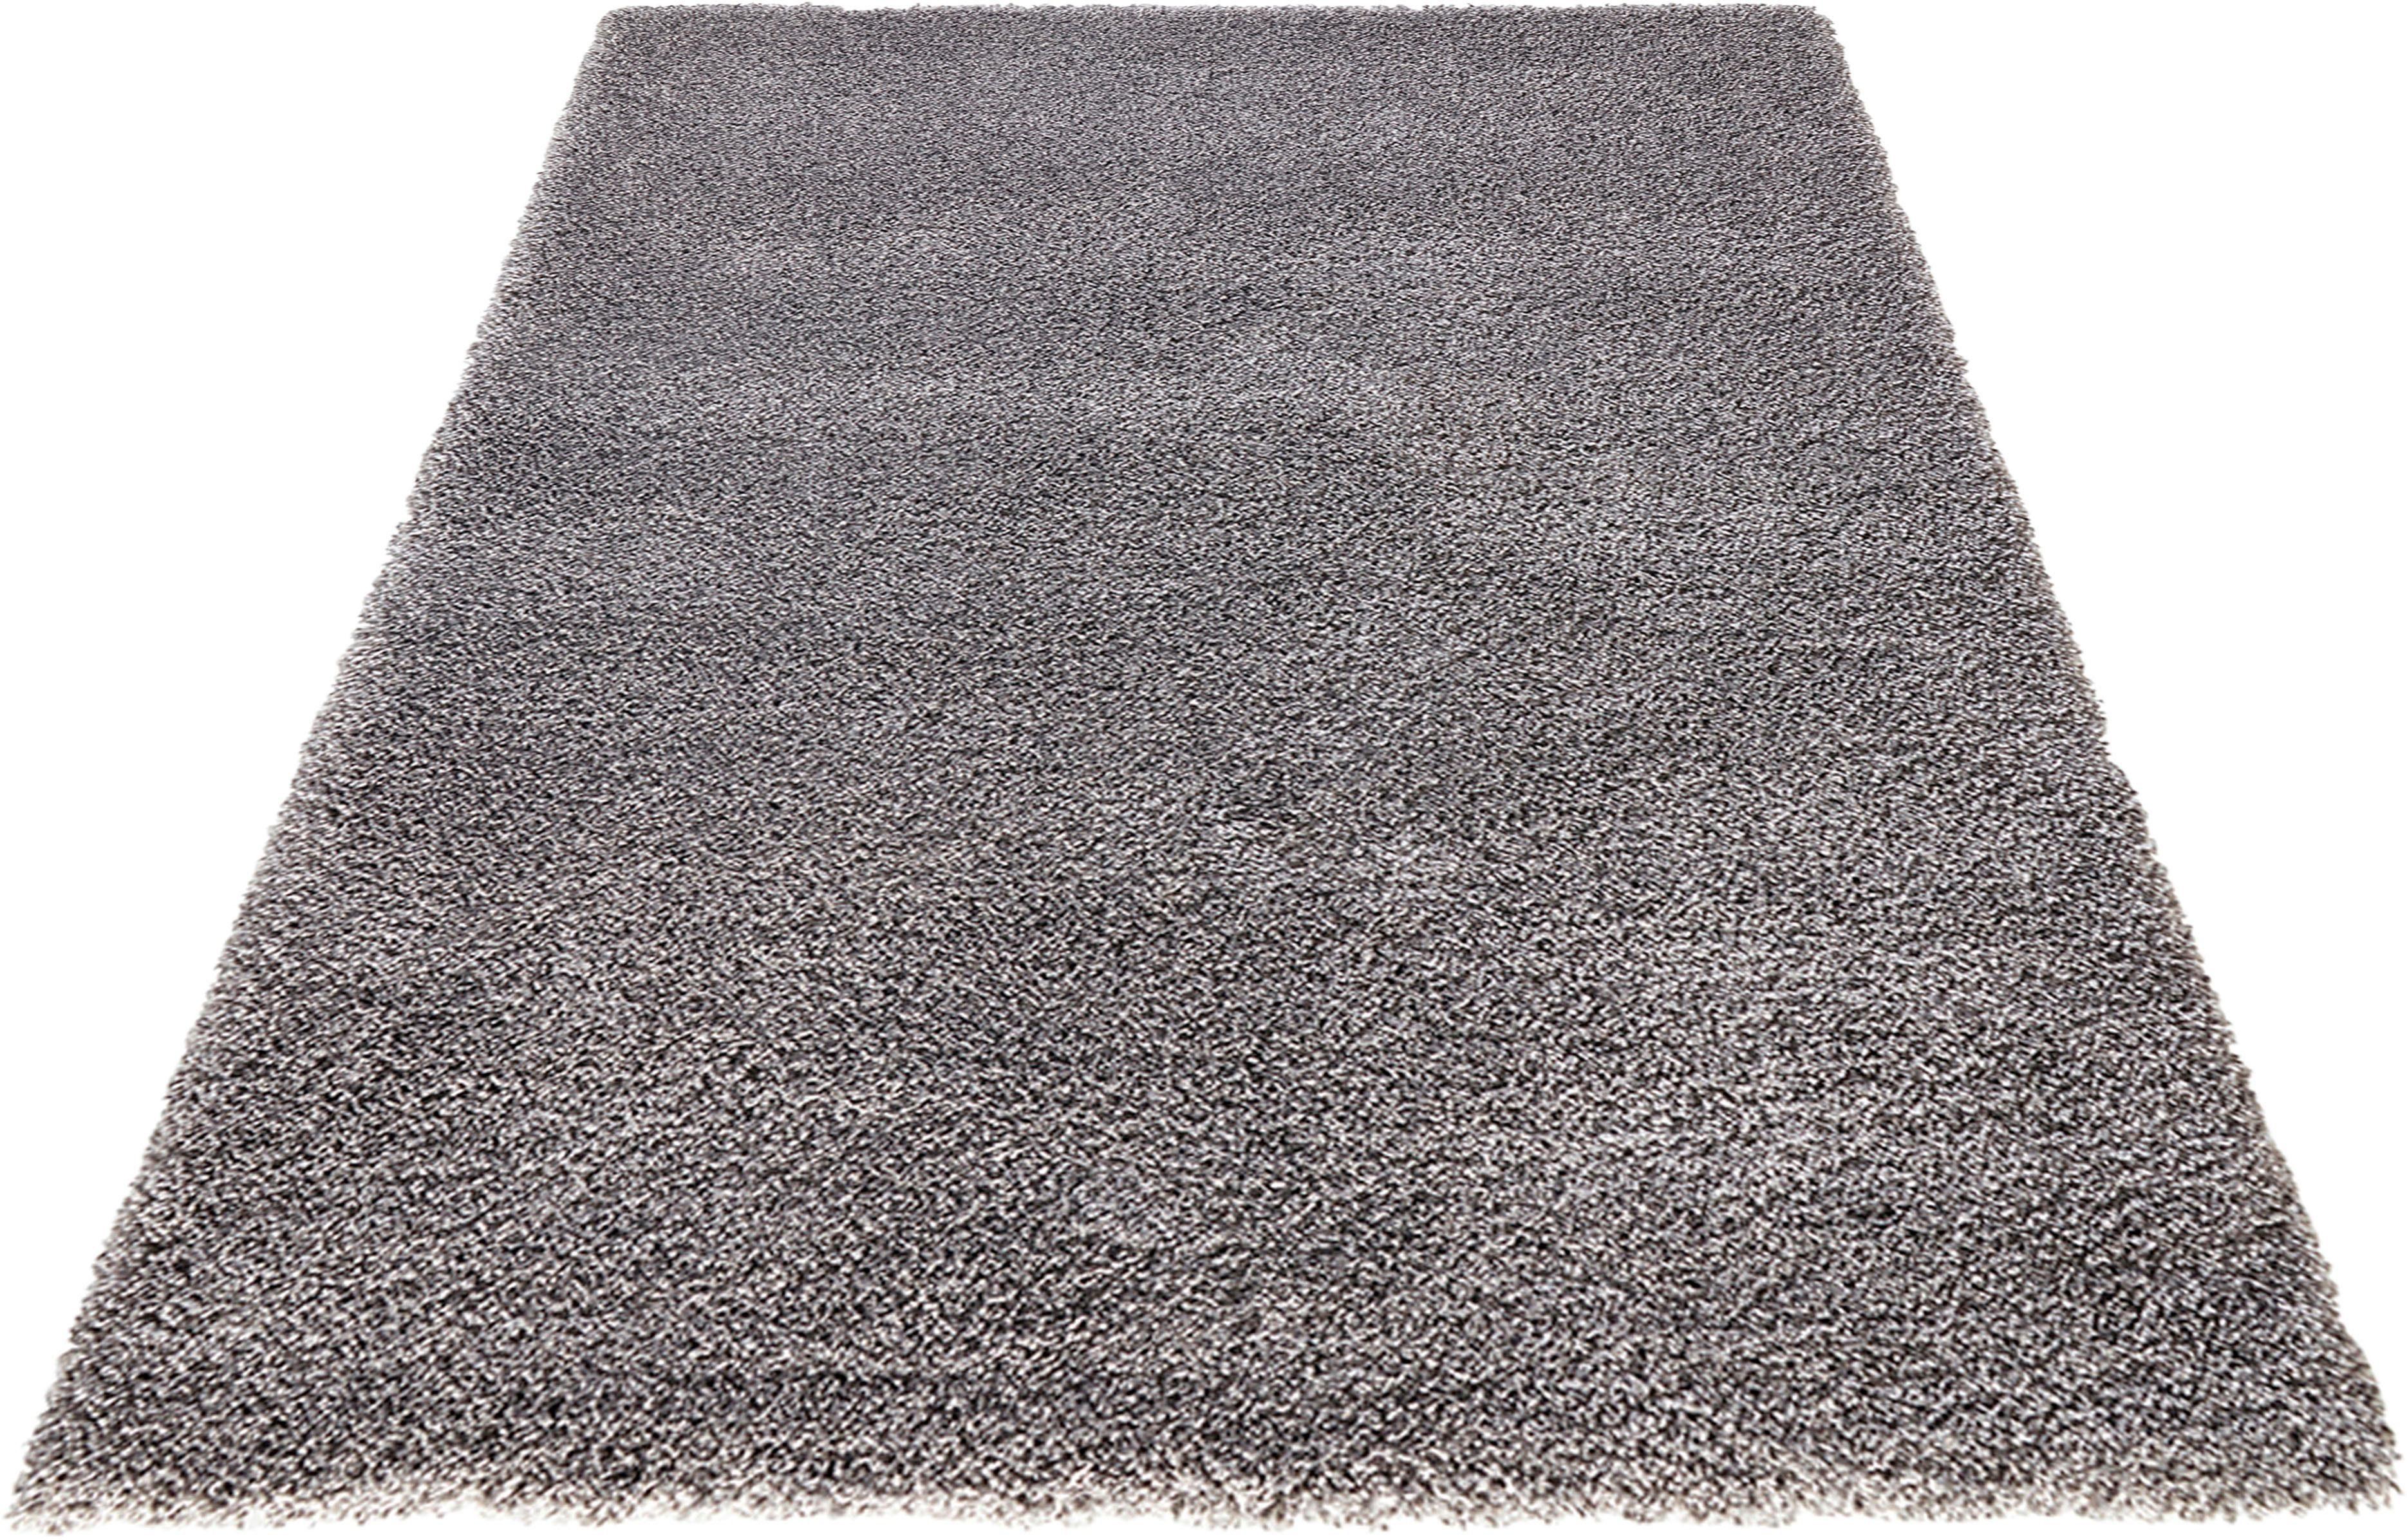 Hochflor-Teppich Venice MINT RUGS rechteckig Höhe 45 mm maschinell gewebt